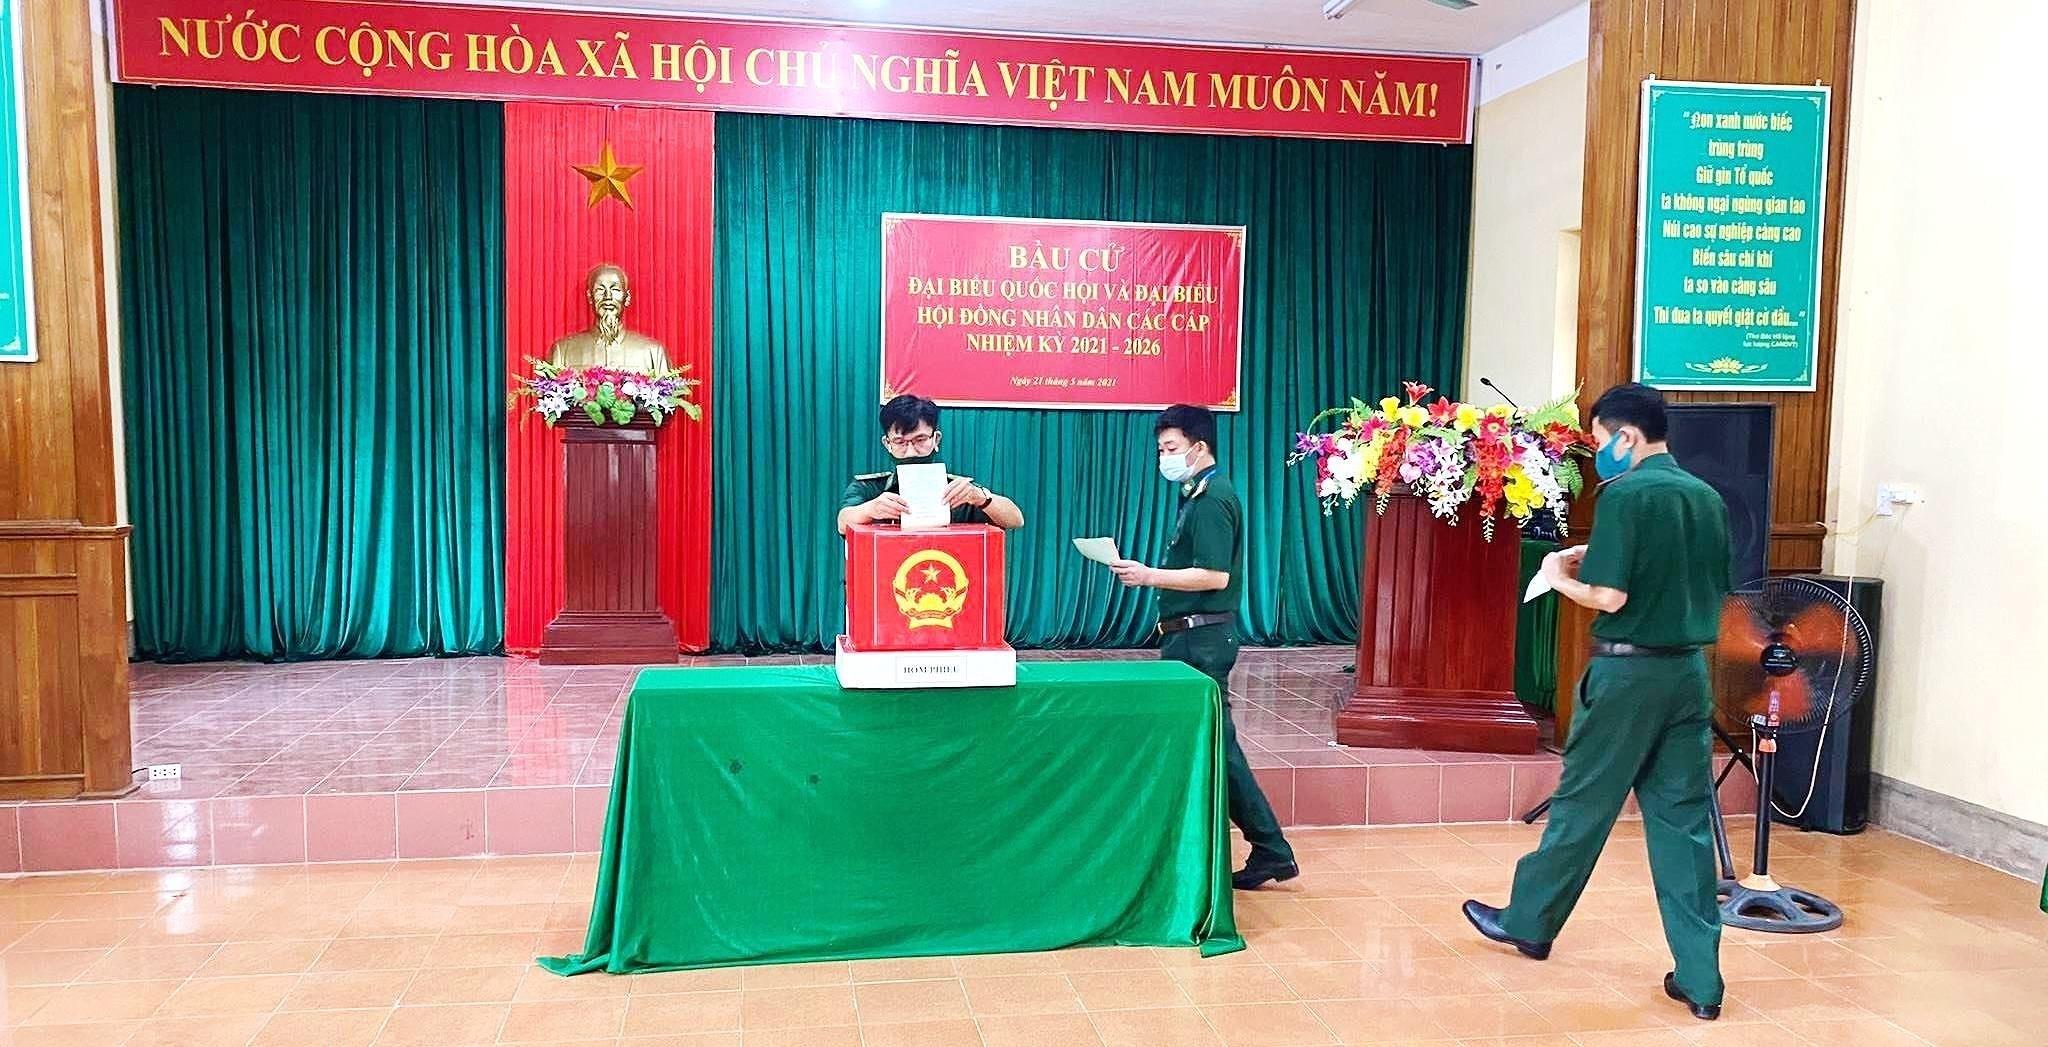 Quang Binh: Nguoi dan vung bien gioi phan khoi bau chon dai bieu uu tu hinh anh 2